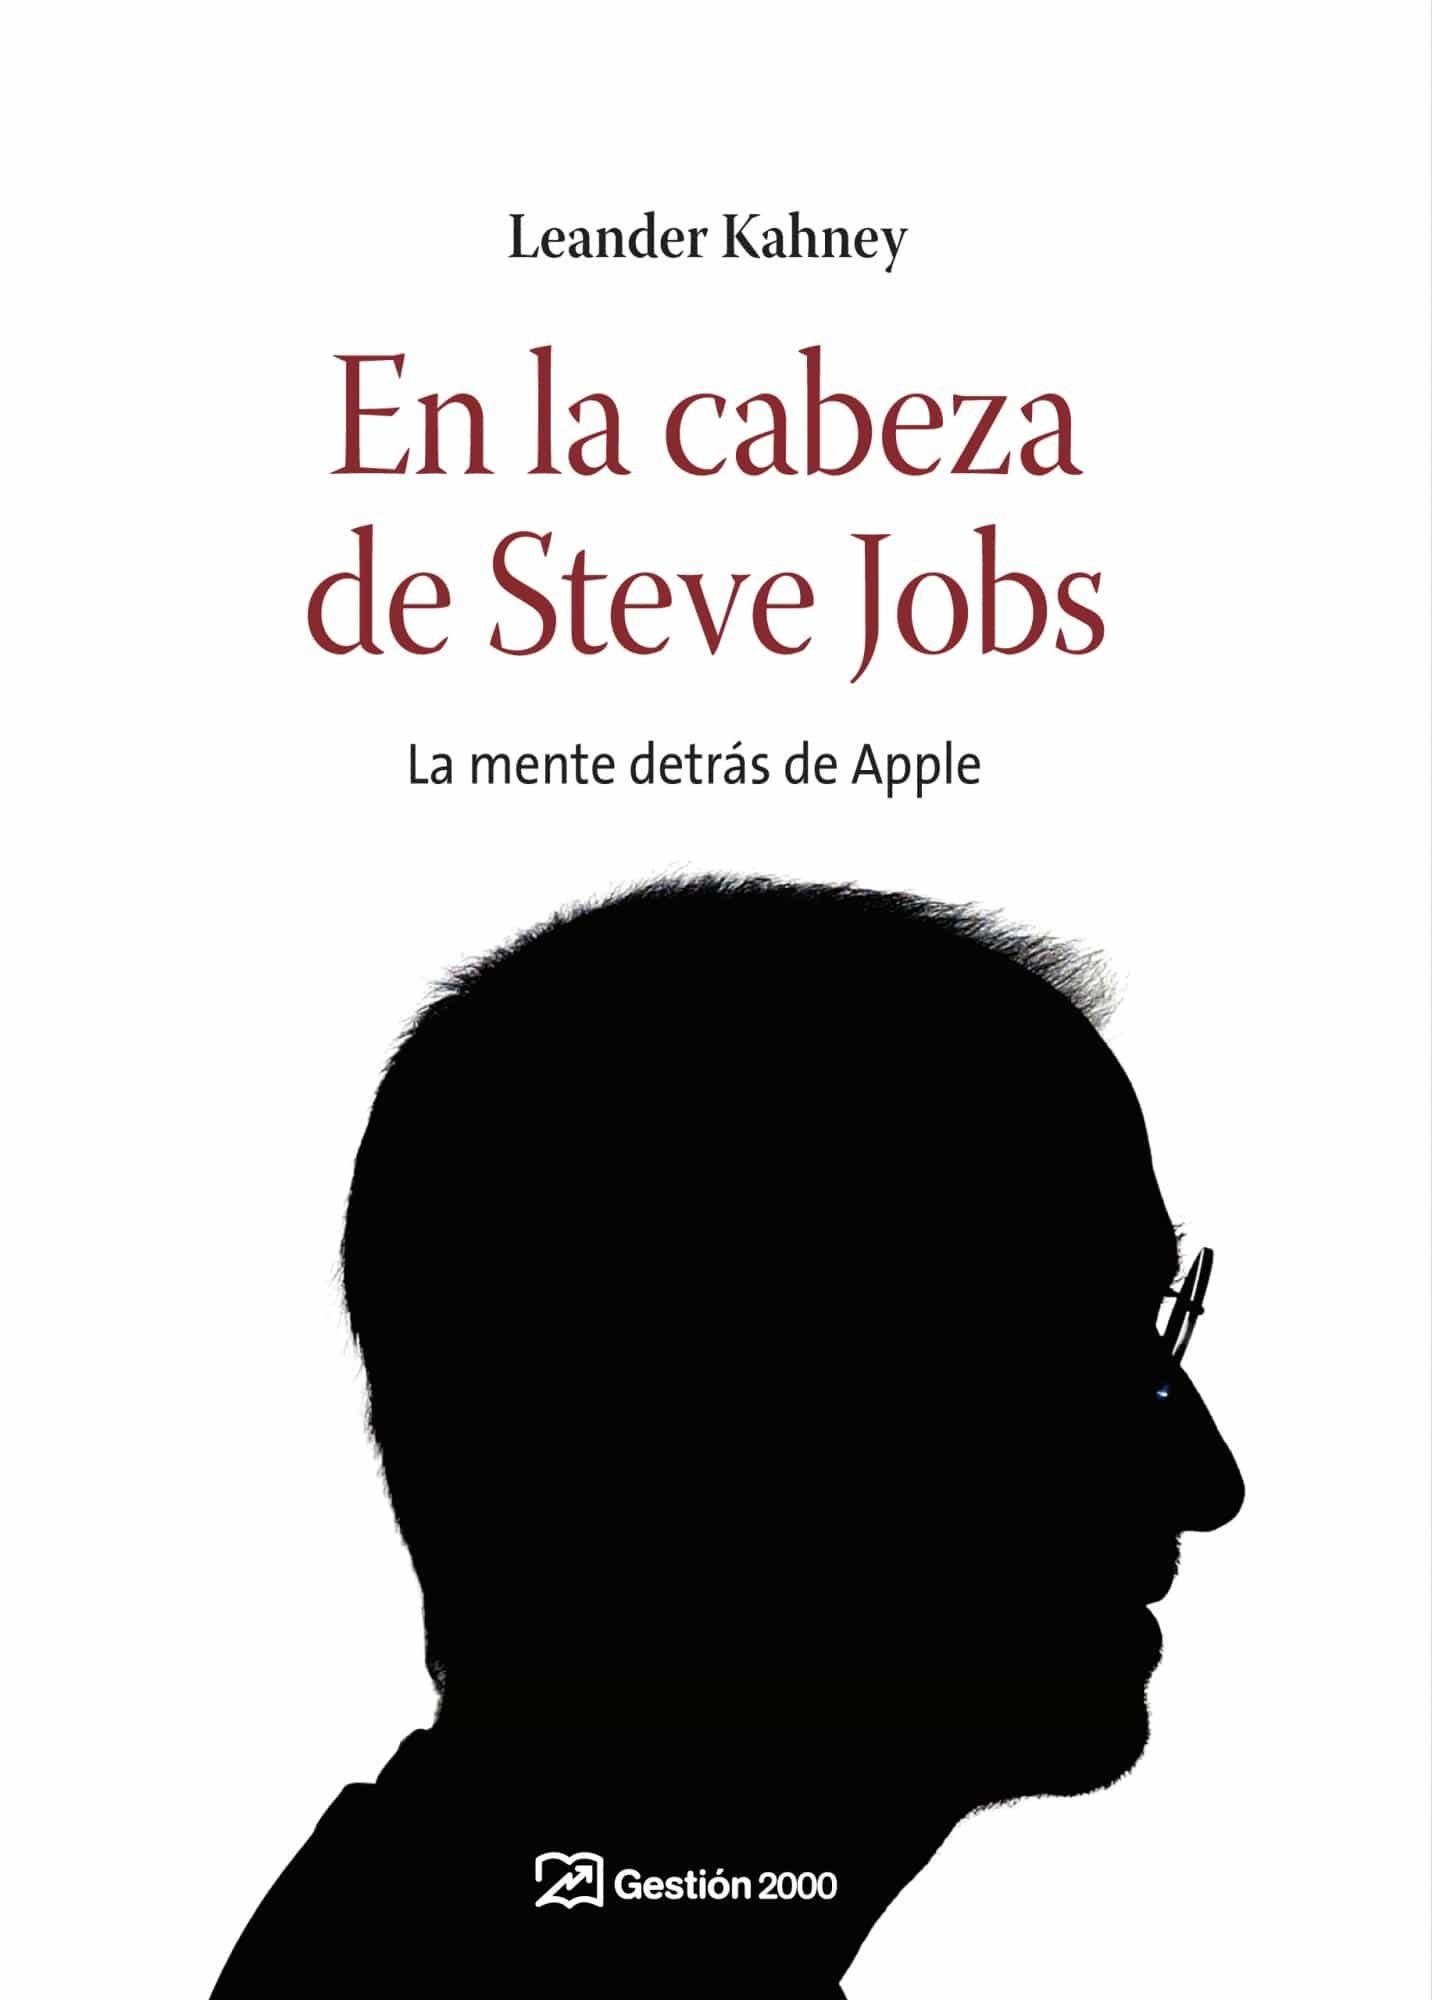 en la cabeza de steve jobs la mente detras de apple leander